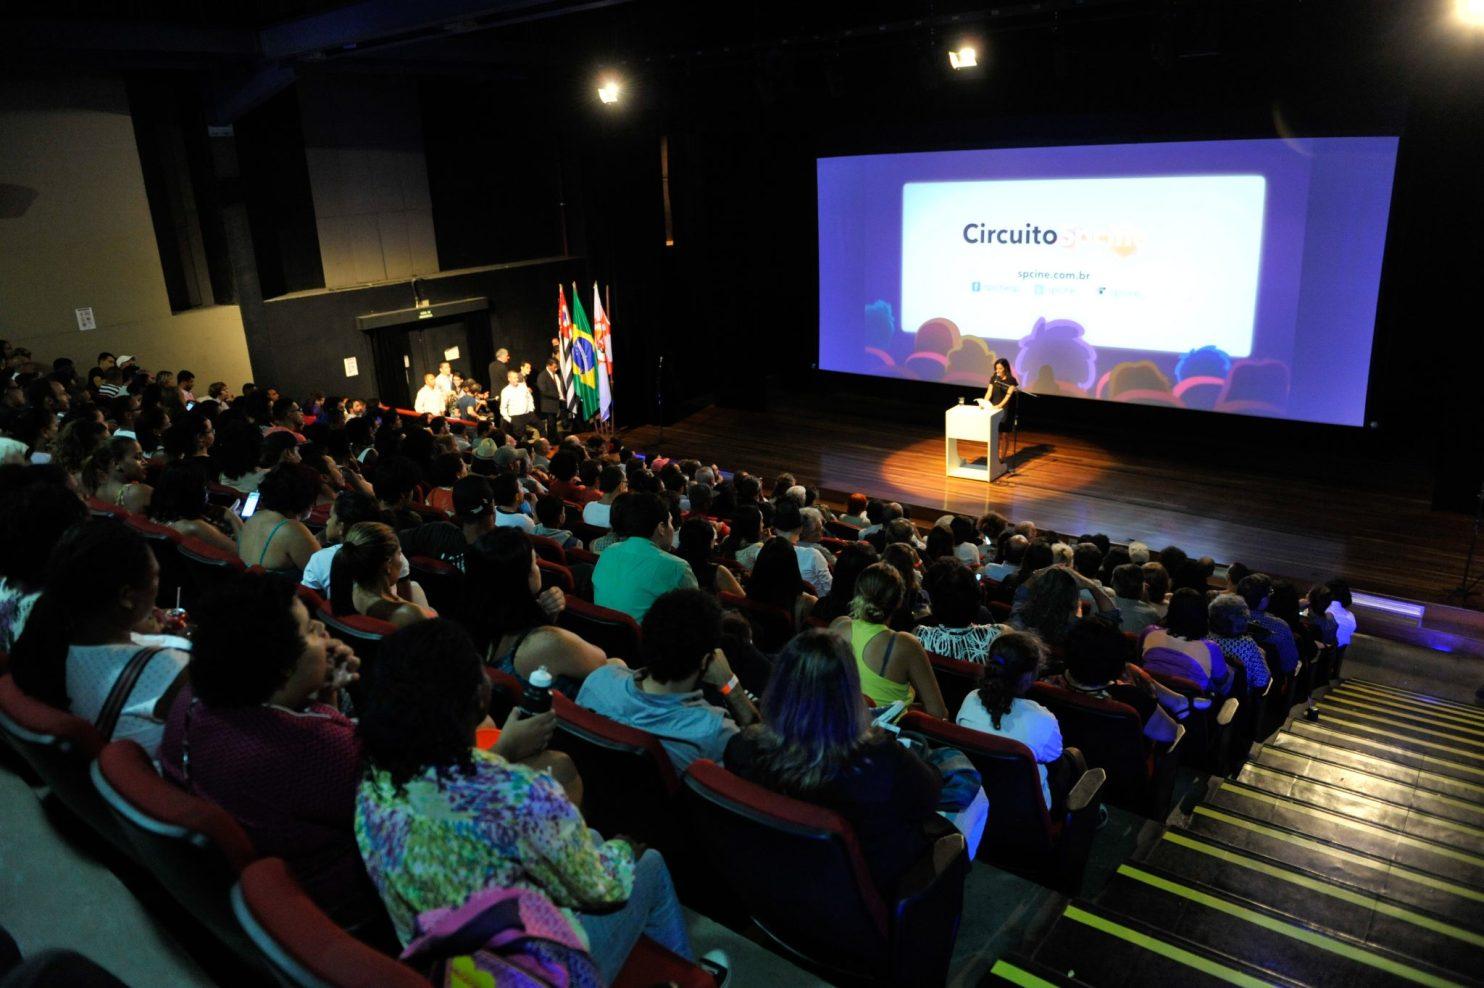 Circuito Sp Cine : Circuito spcine inaugura ª sala em centro cultural da